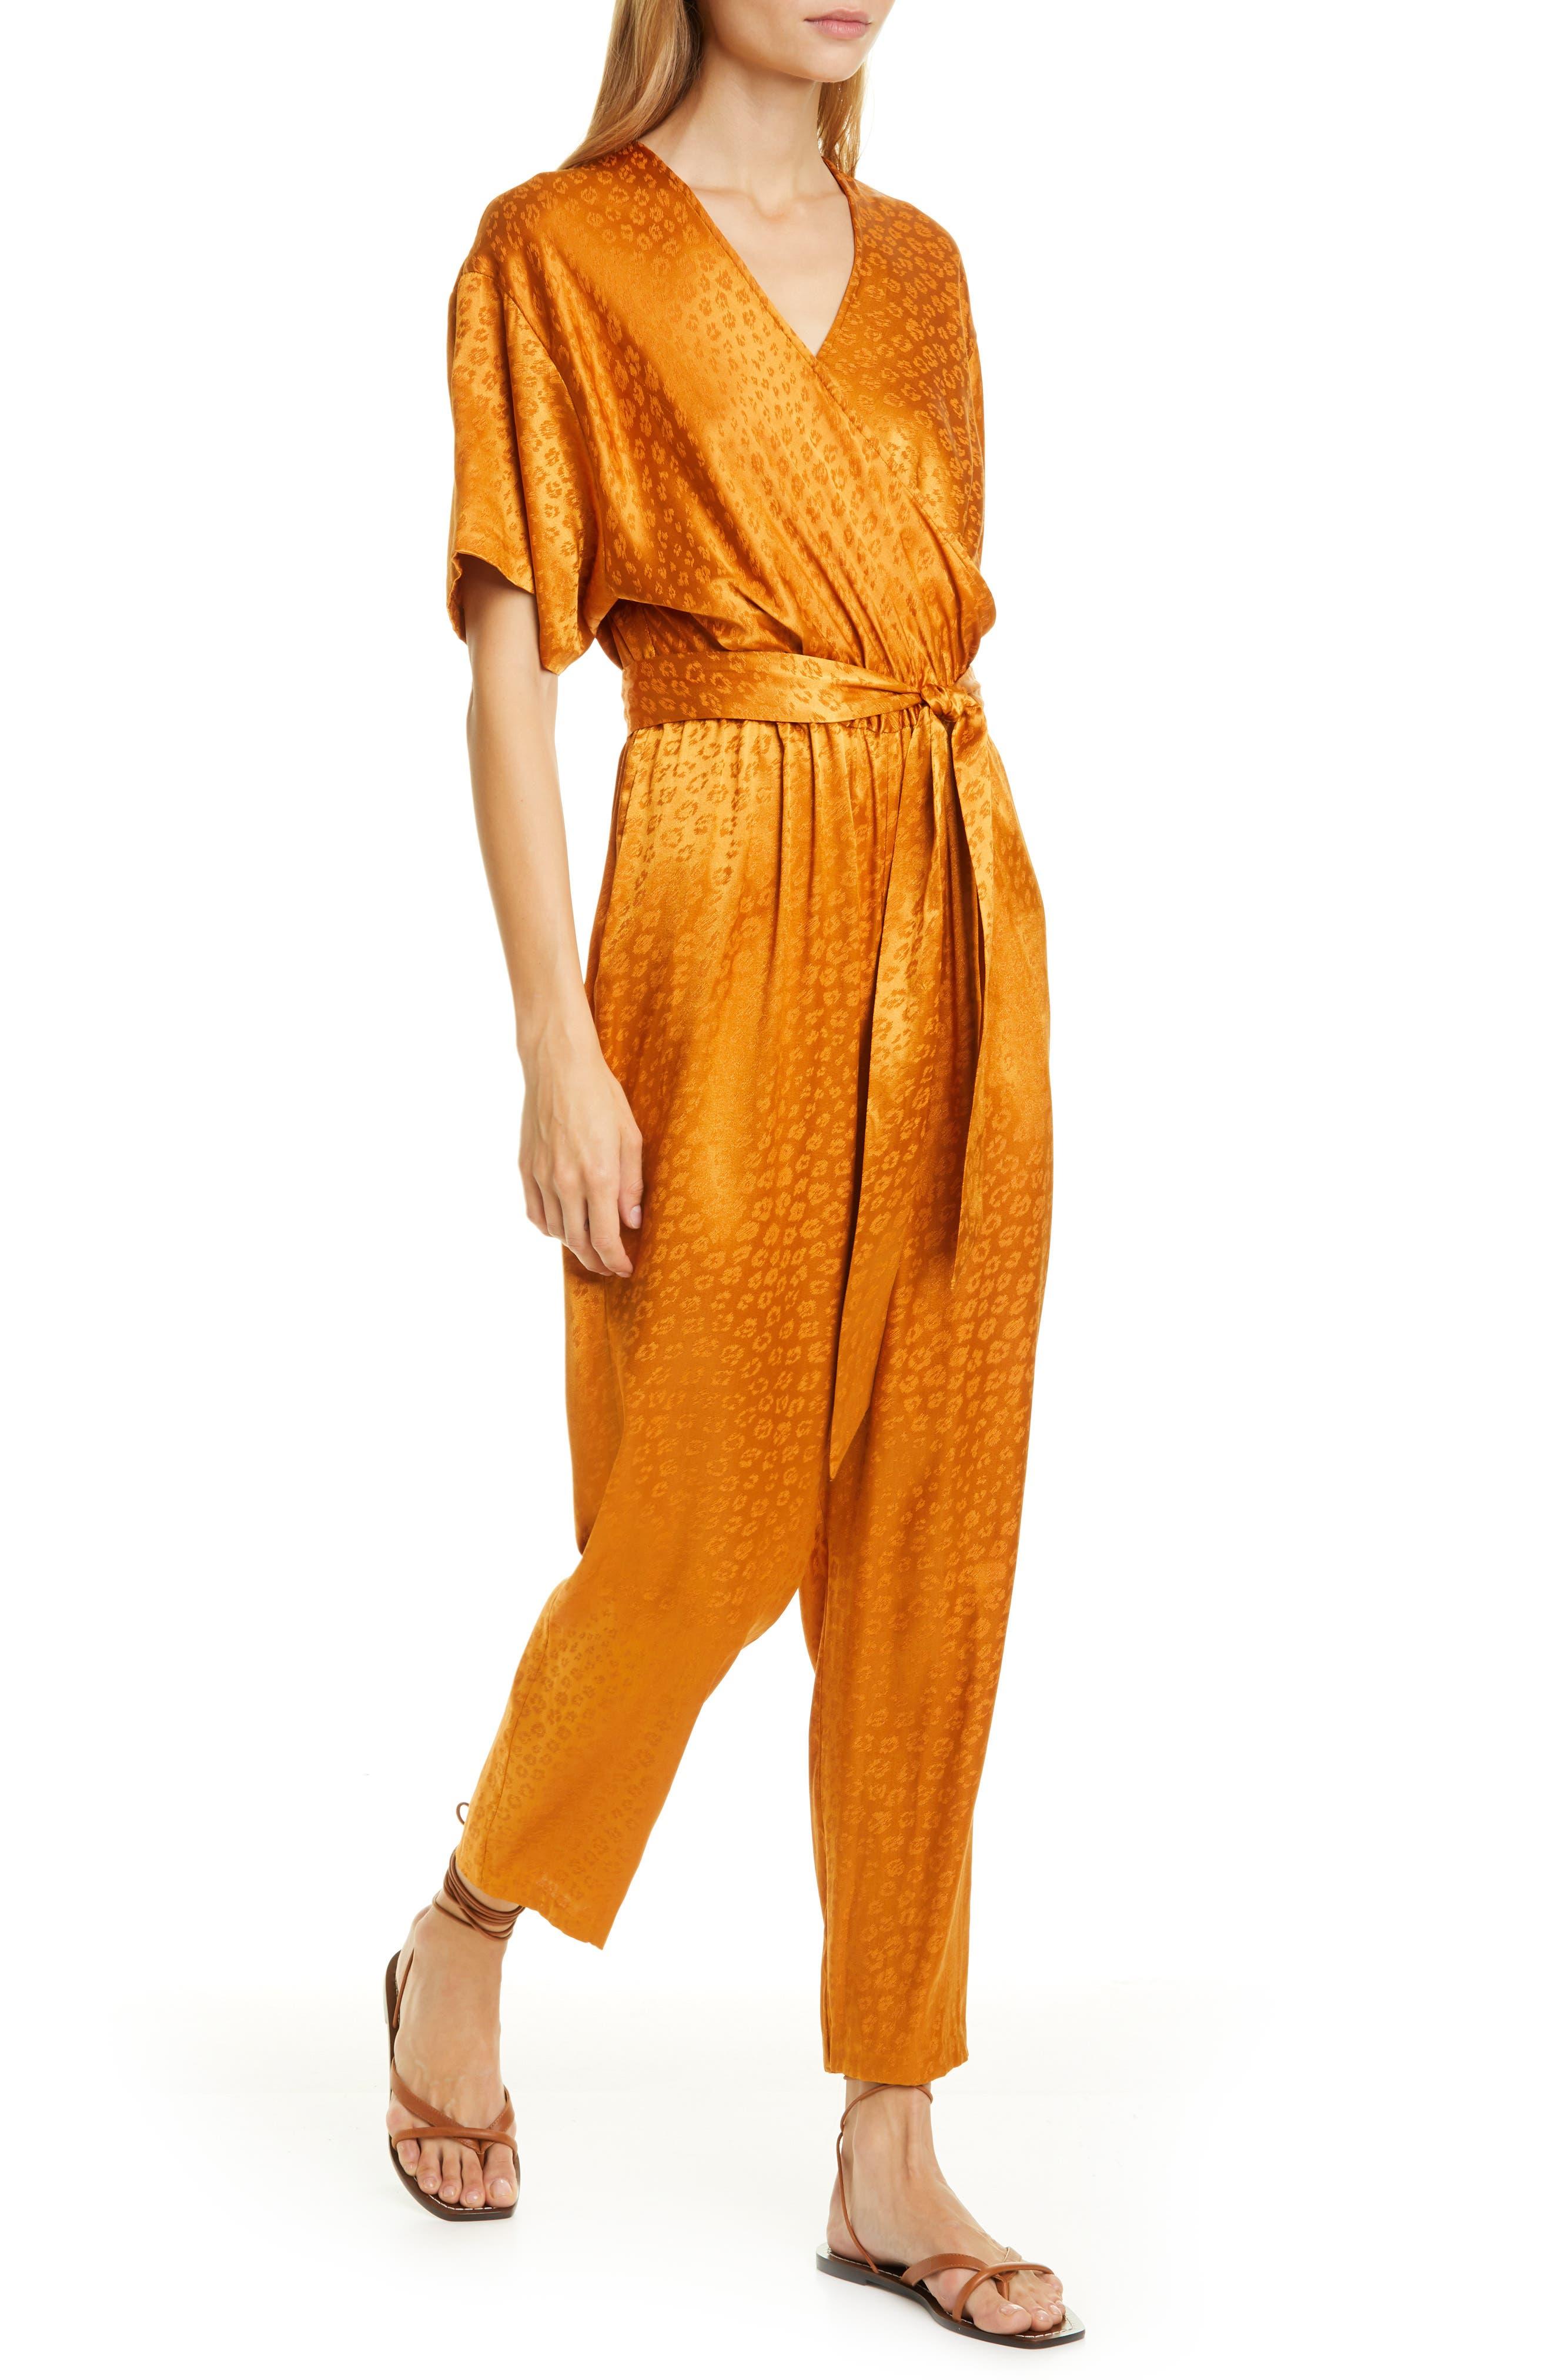 70s Jumpsuit | Disco Jumpsuits – Sequin, Striped, Gold, White, Black Womens Joie Tau Jumpsuit $348.00 AT vintagedancer.com